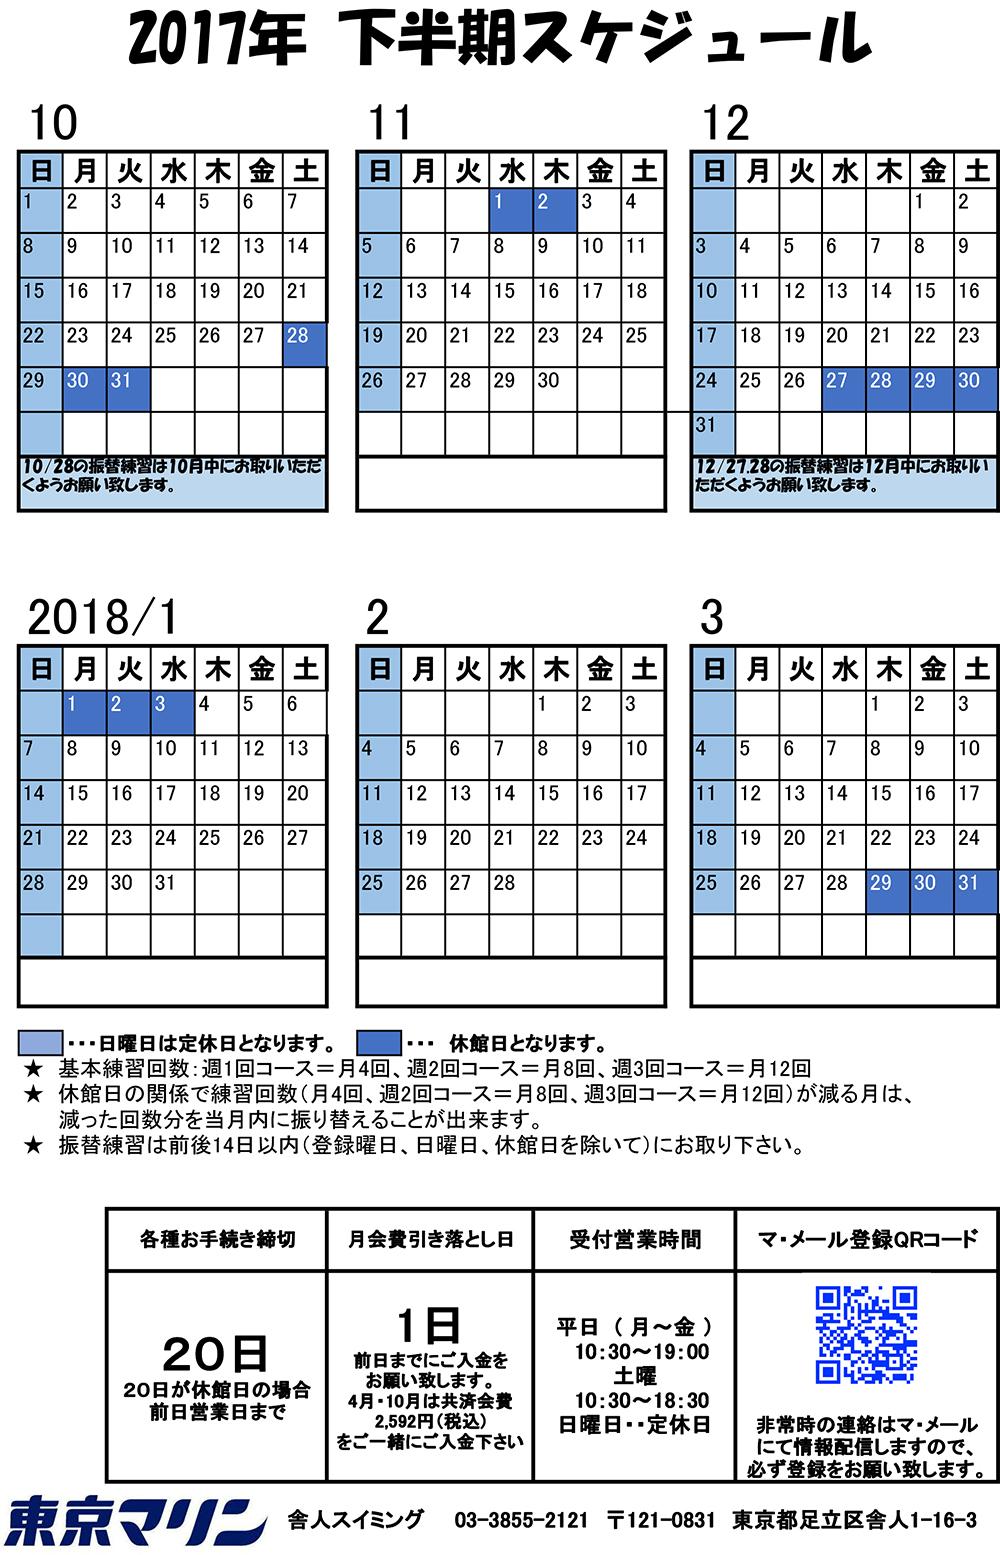 「2017年度上半期スケジュール」掲載!! (募集は終了いたしました。)